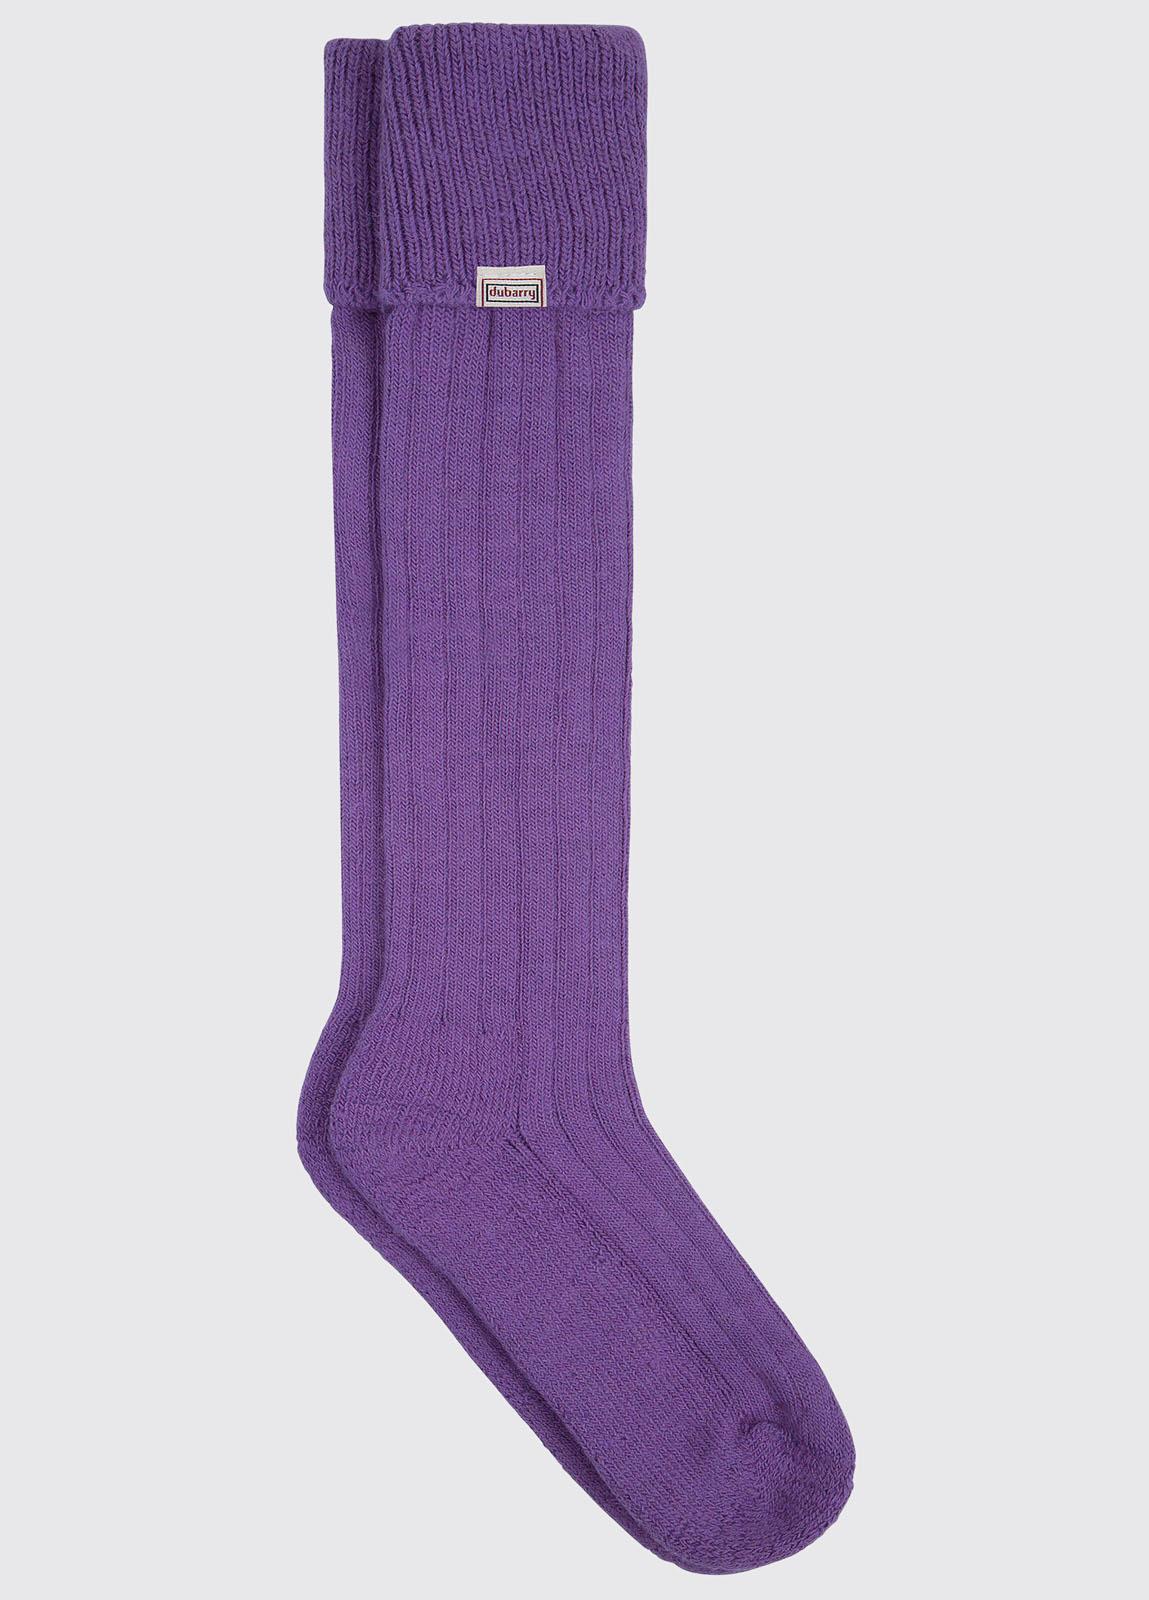 Alpaca Socks - Purple